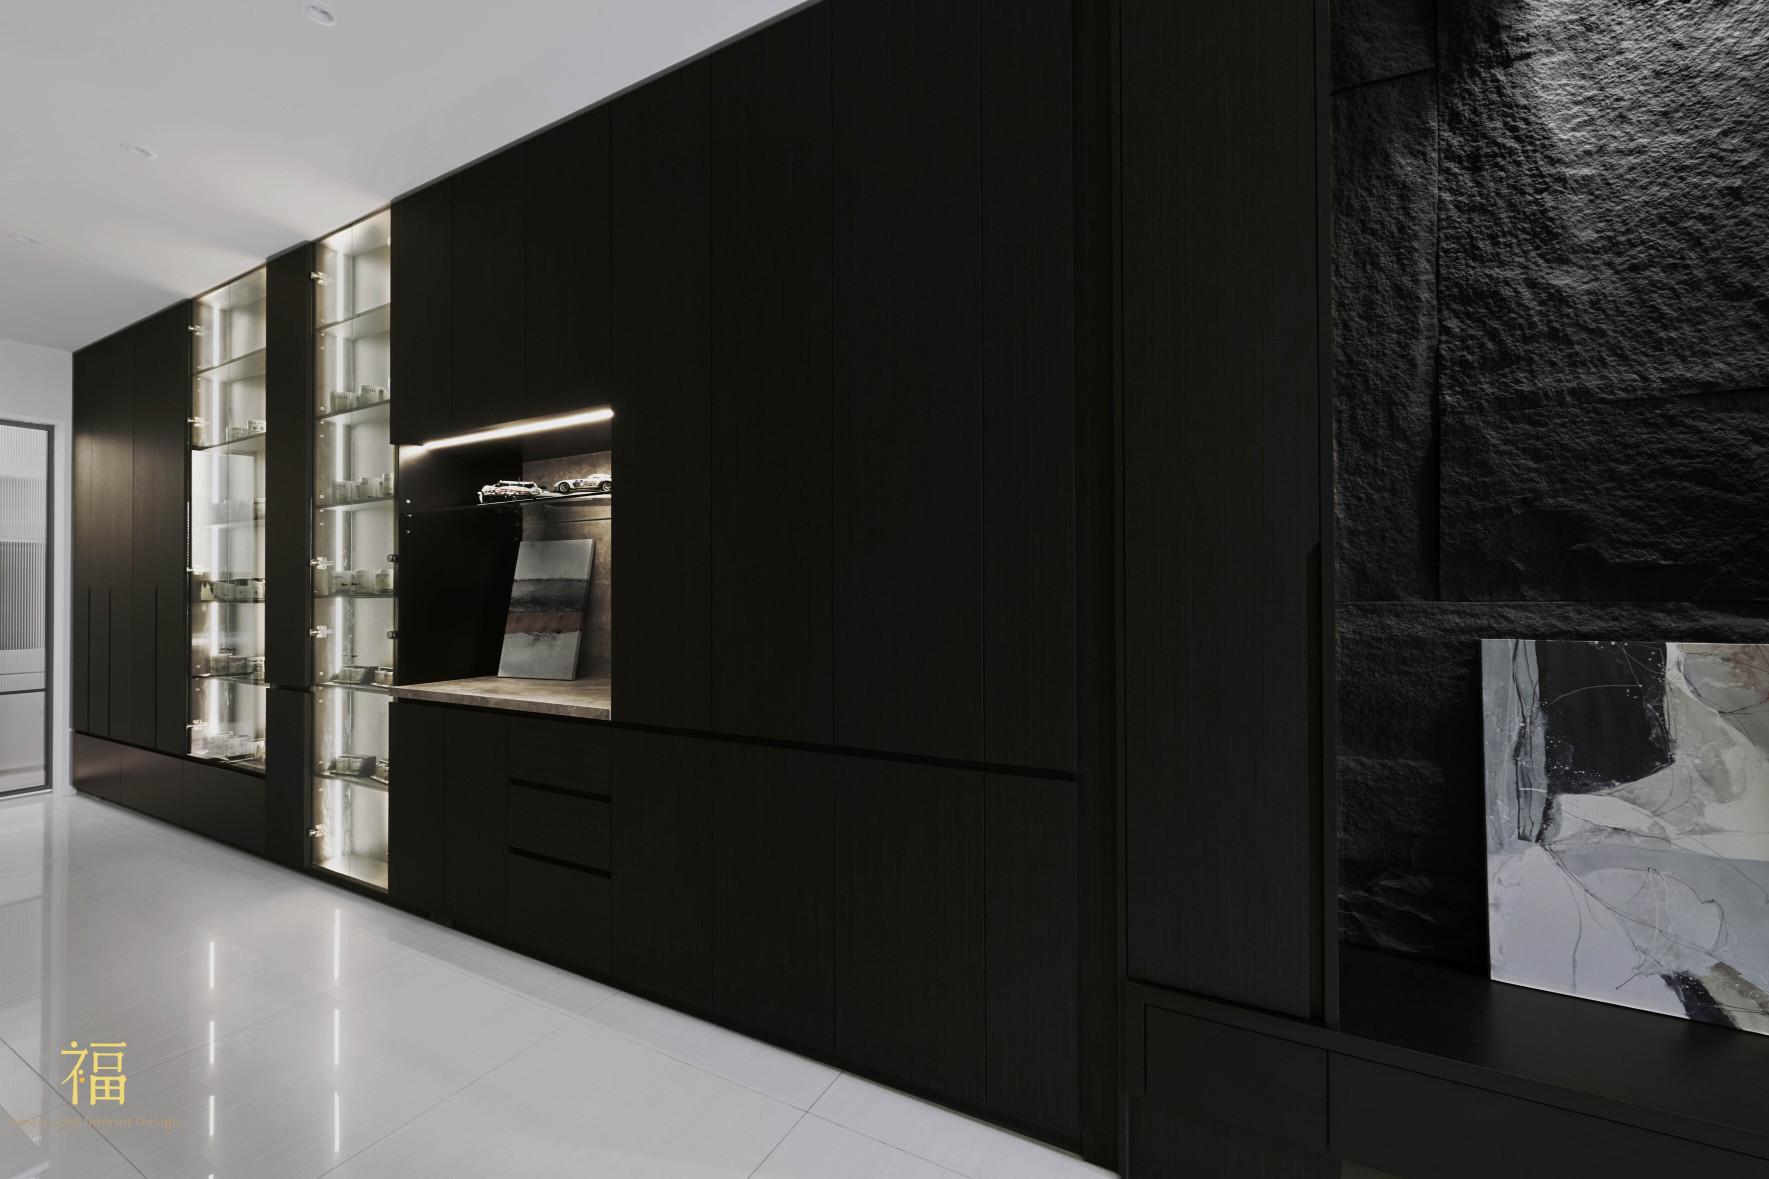 福宅雅居|客廳系統櫥櫃規劃|嘉義住宅空間設計